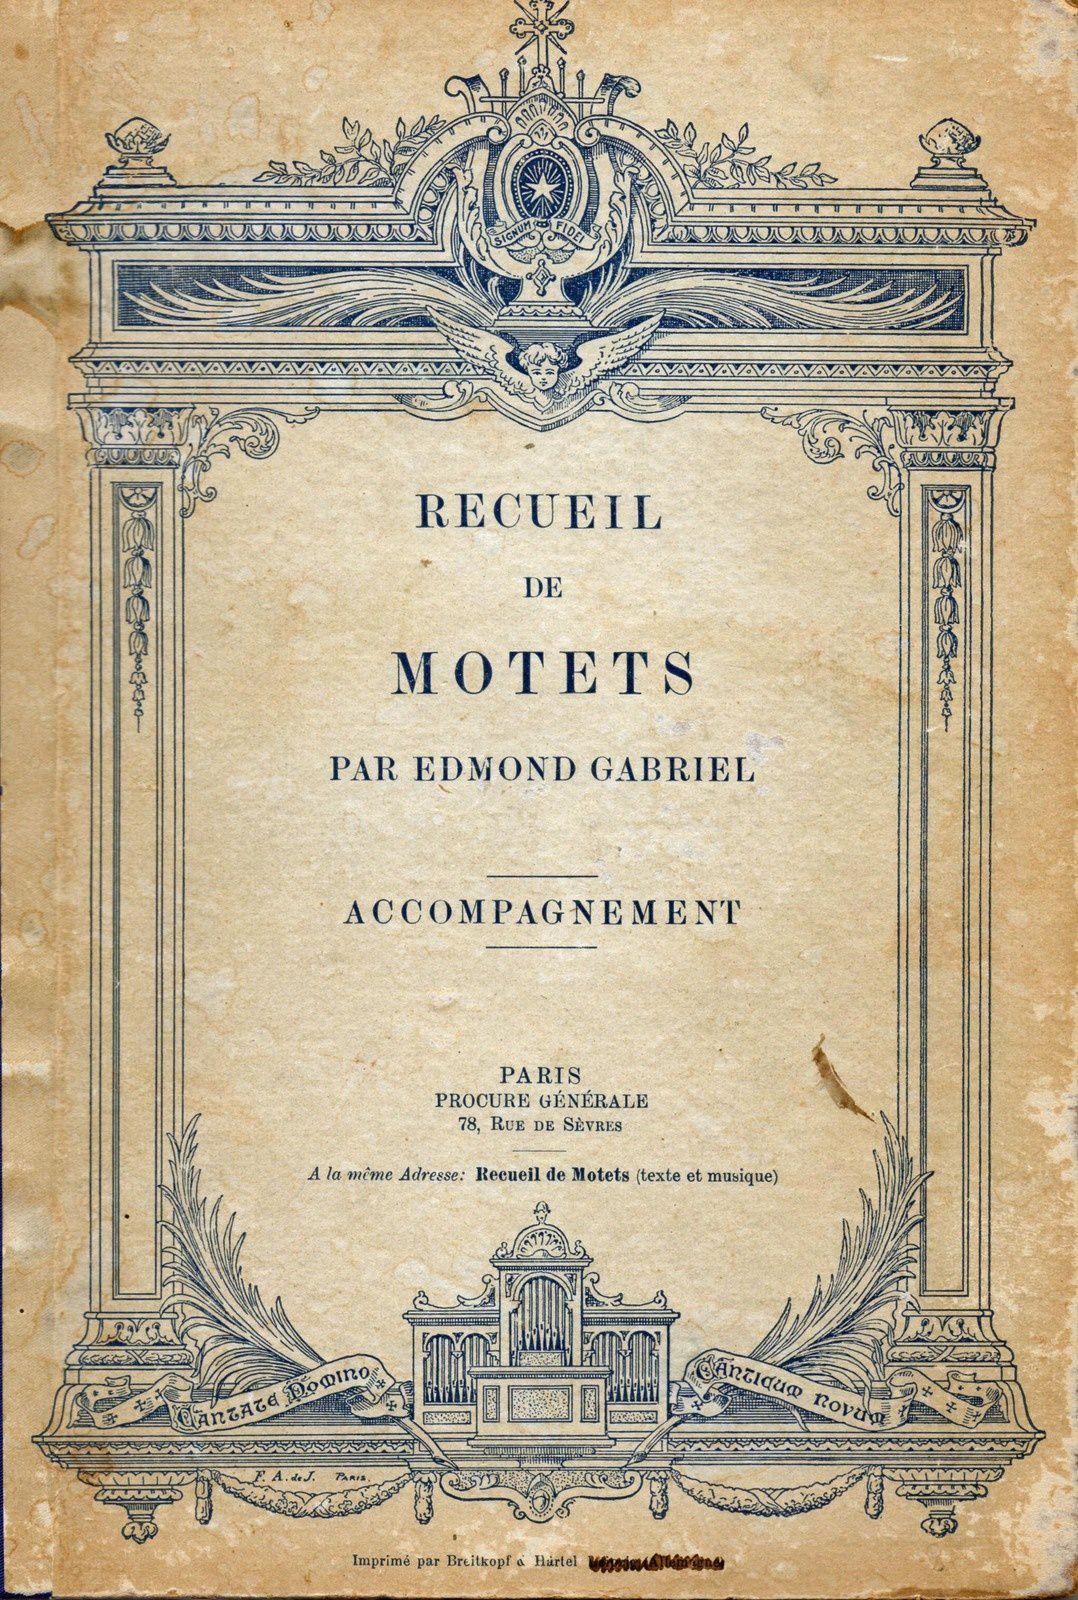 Recueil de motets par Edmond Gabriel